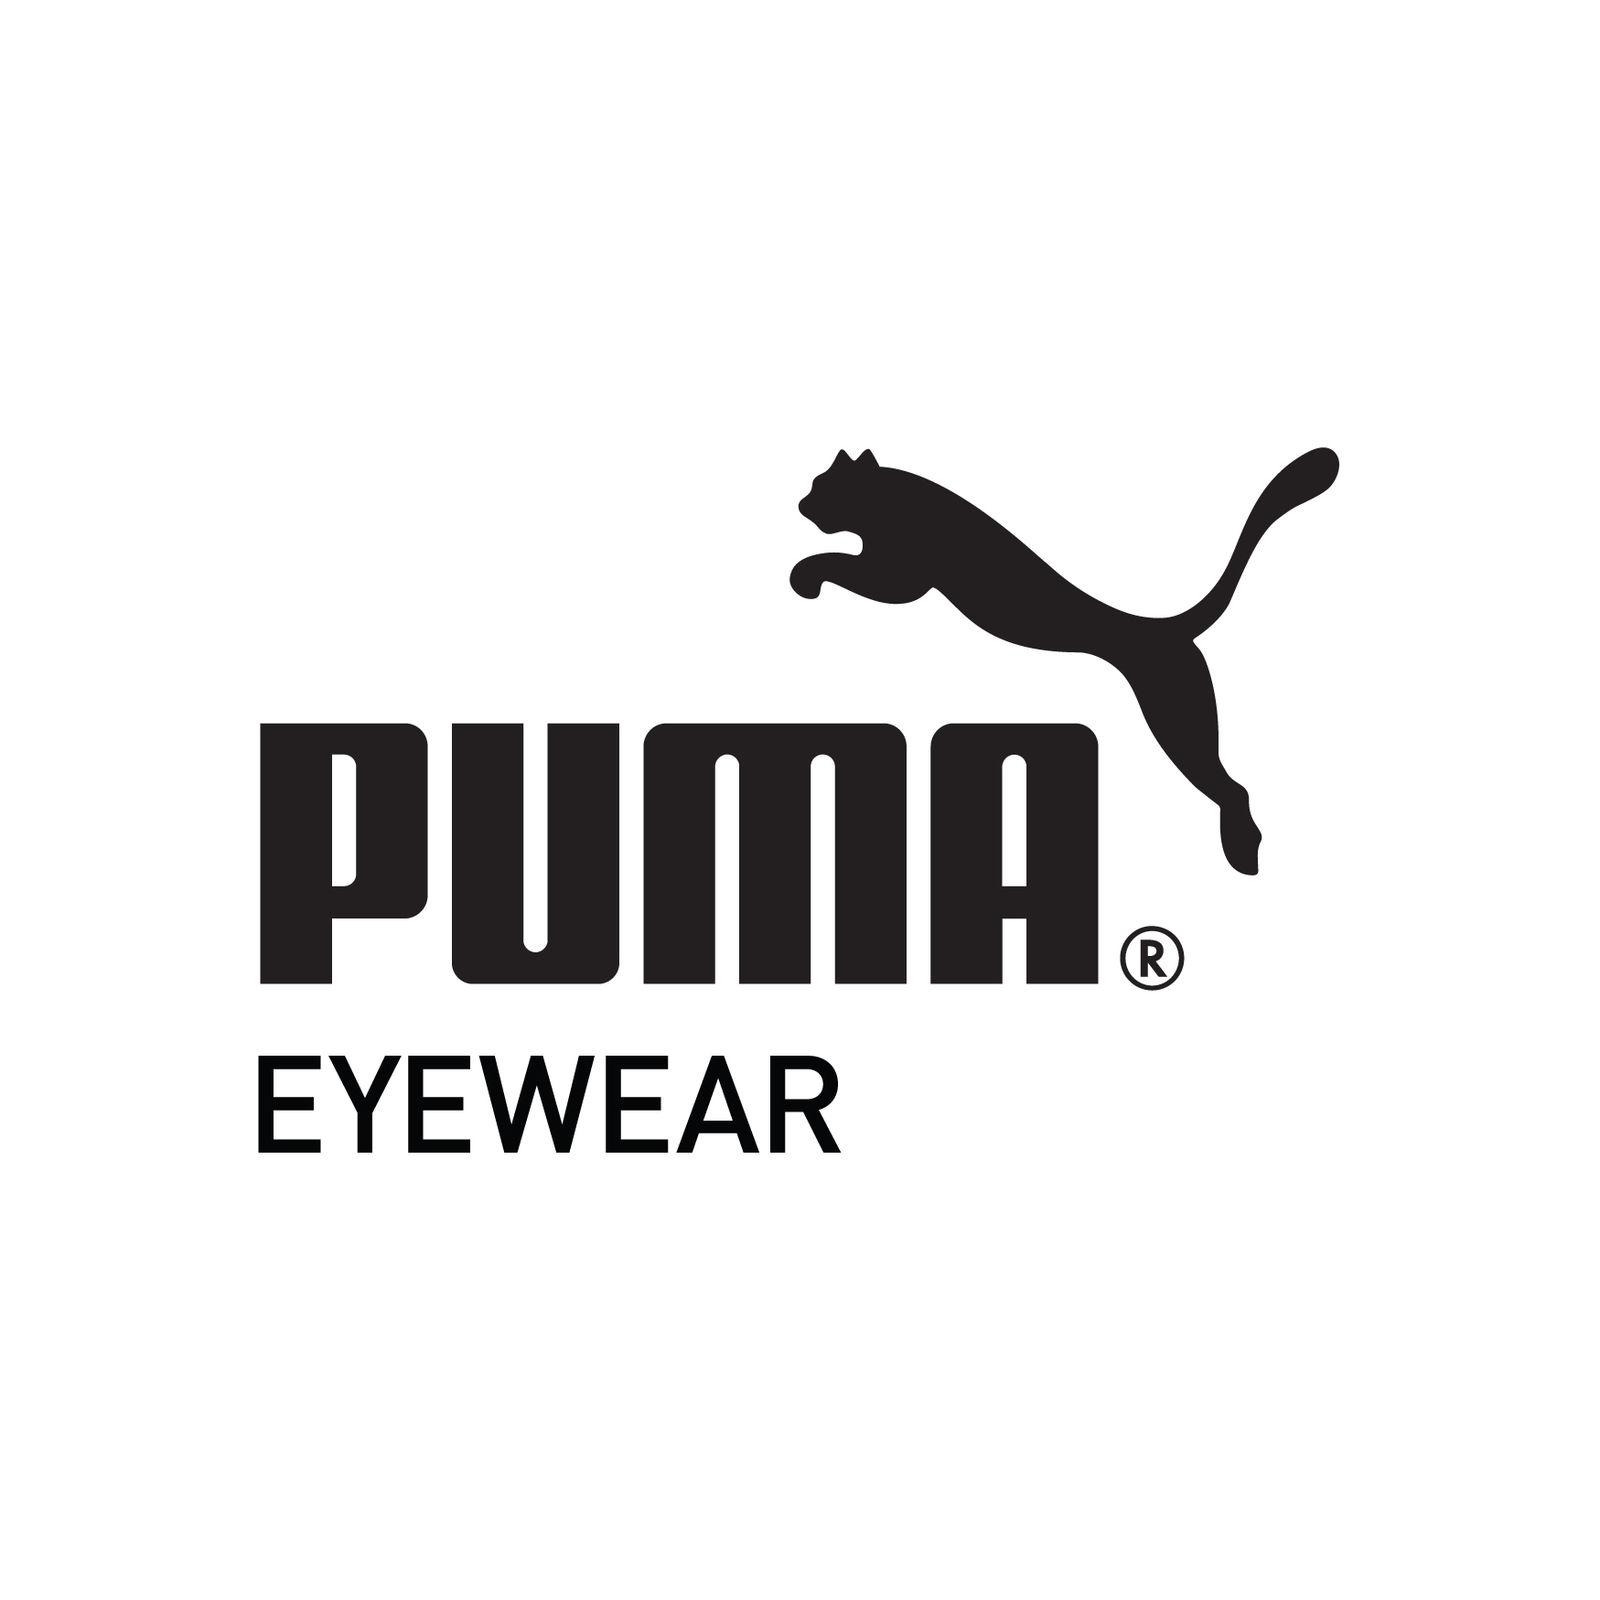 PUMA Eyewear (Image 1)